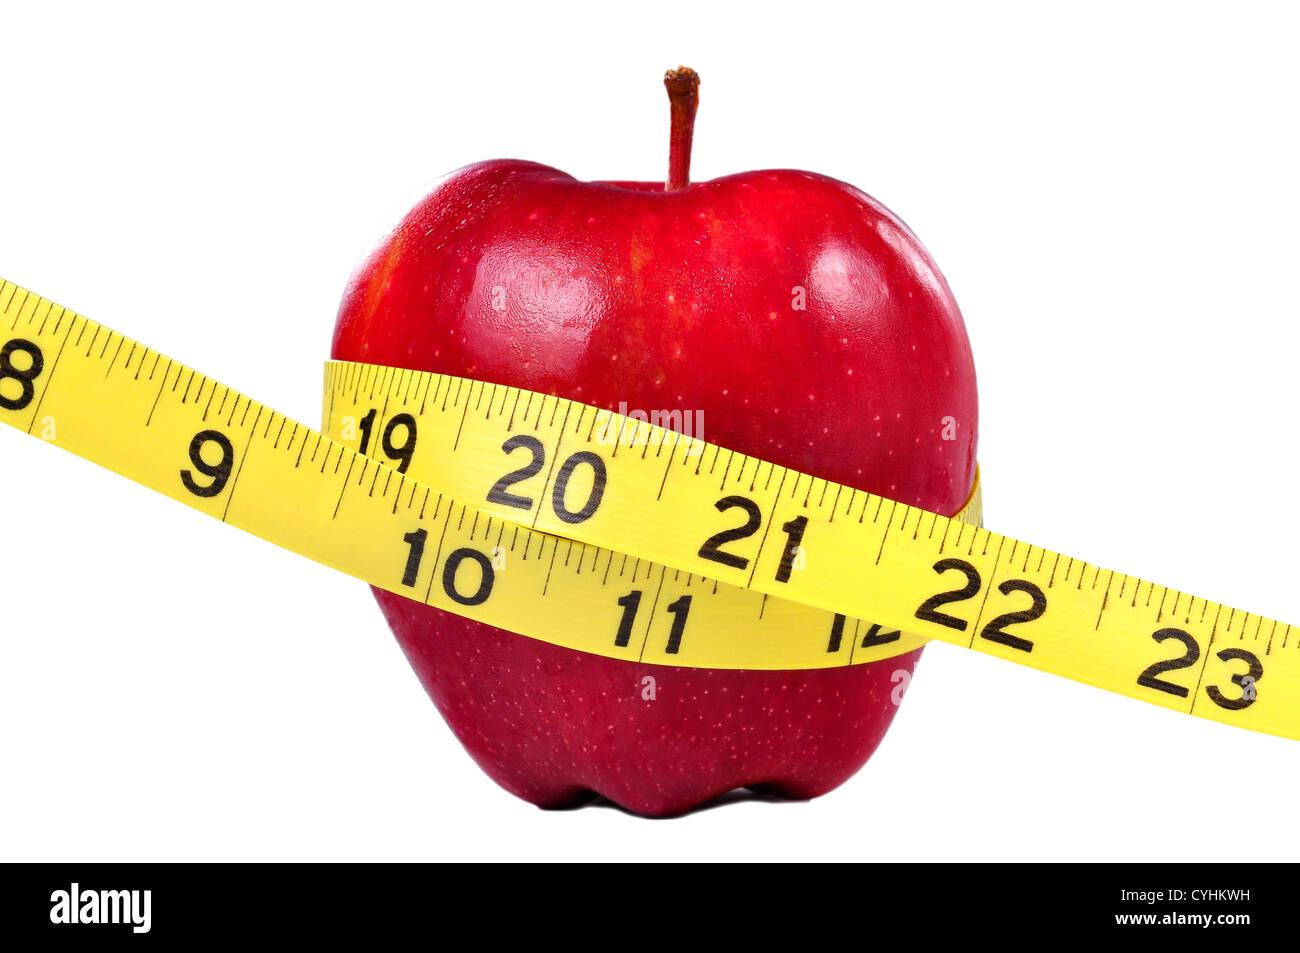 Roter Apfel und gelb Maßband um eine gesunde Ernährung und Körper Gewichtskontrolle zu symbolisieren. Stockbild